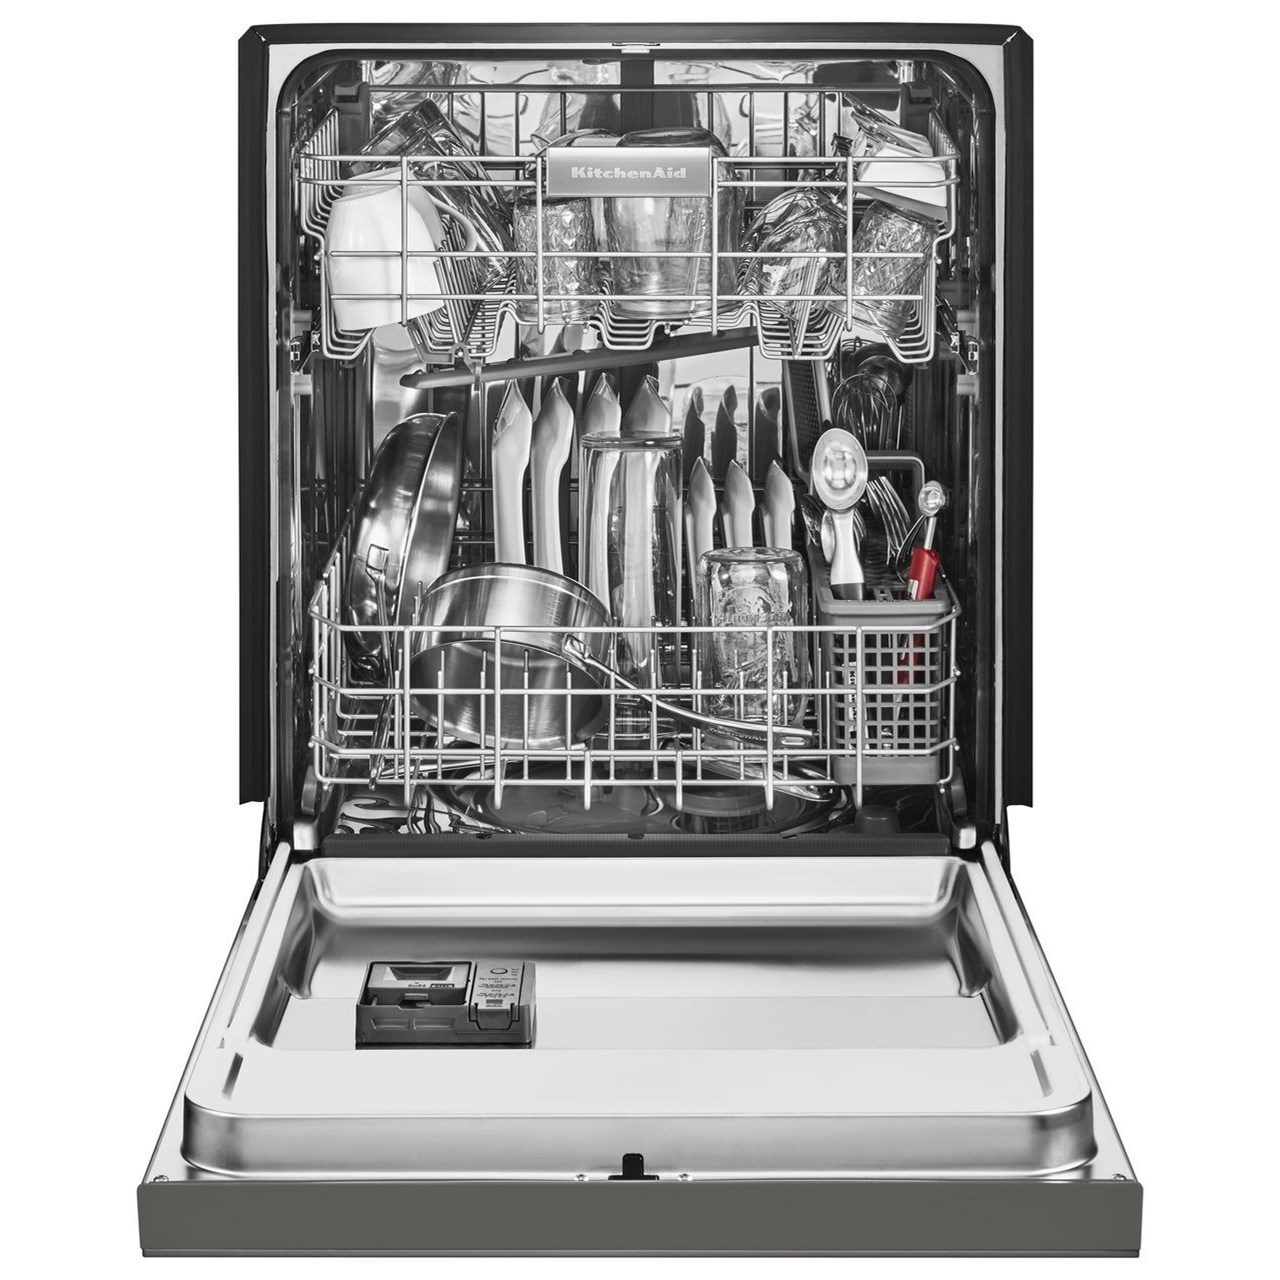 kitchenaid 46 dba dishwasher with prowash™ cycle and